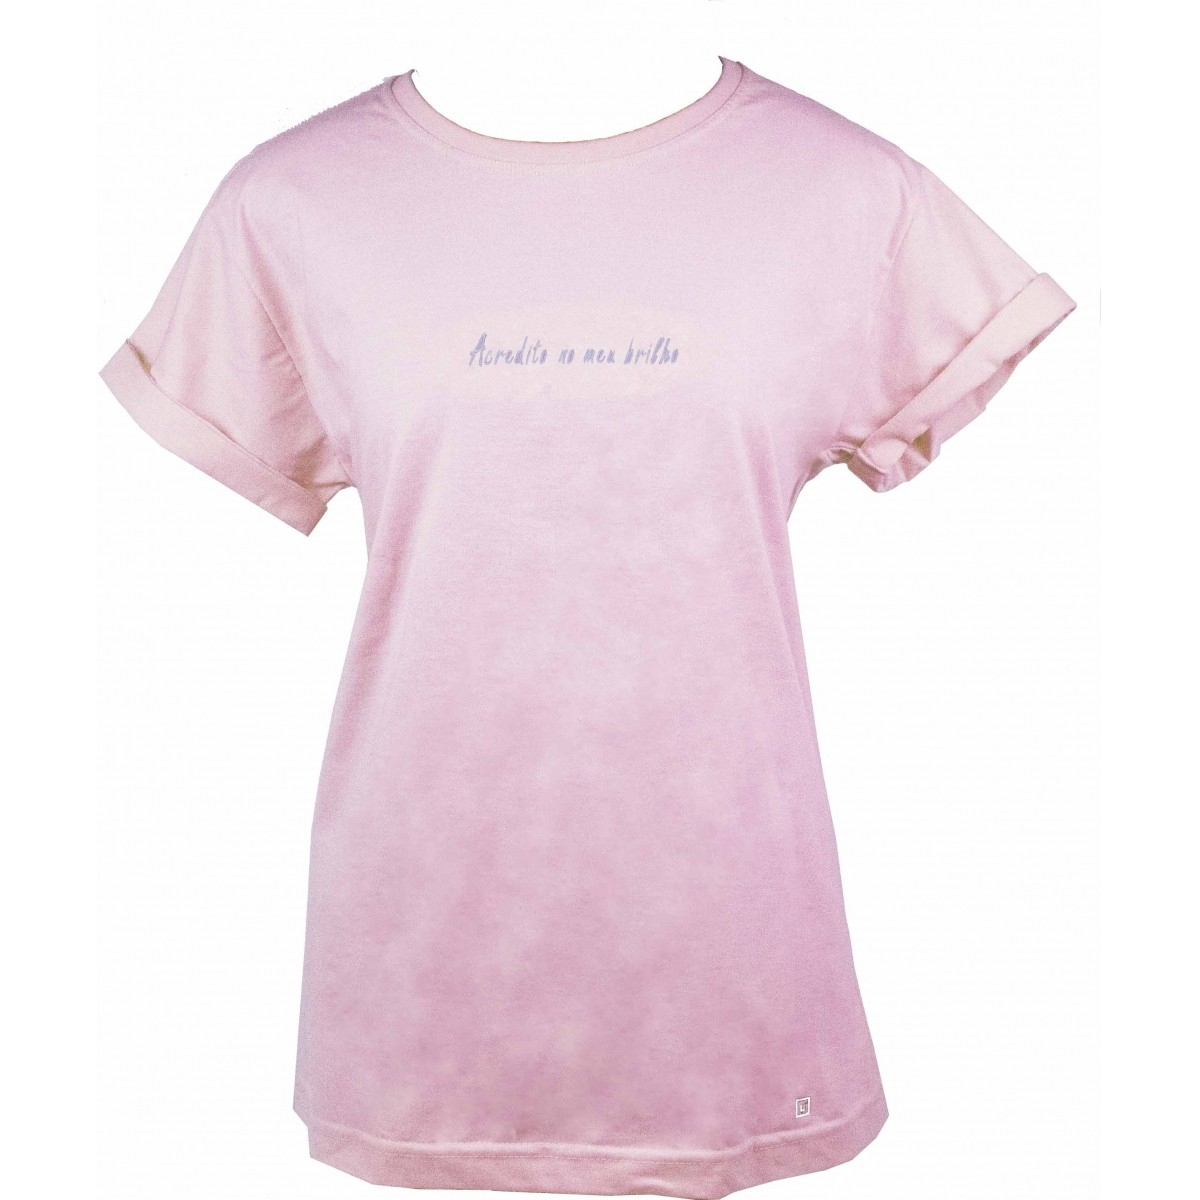 Camiseta Acredito no meu brilho